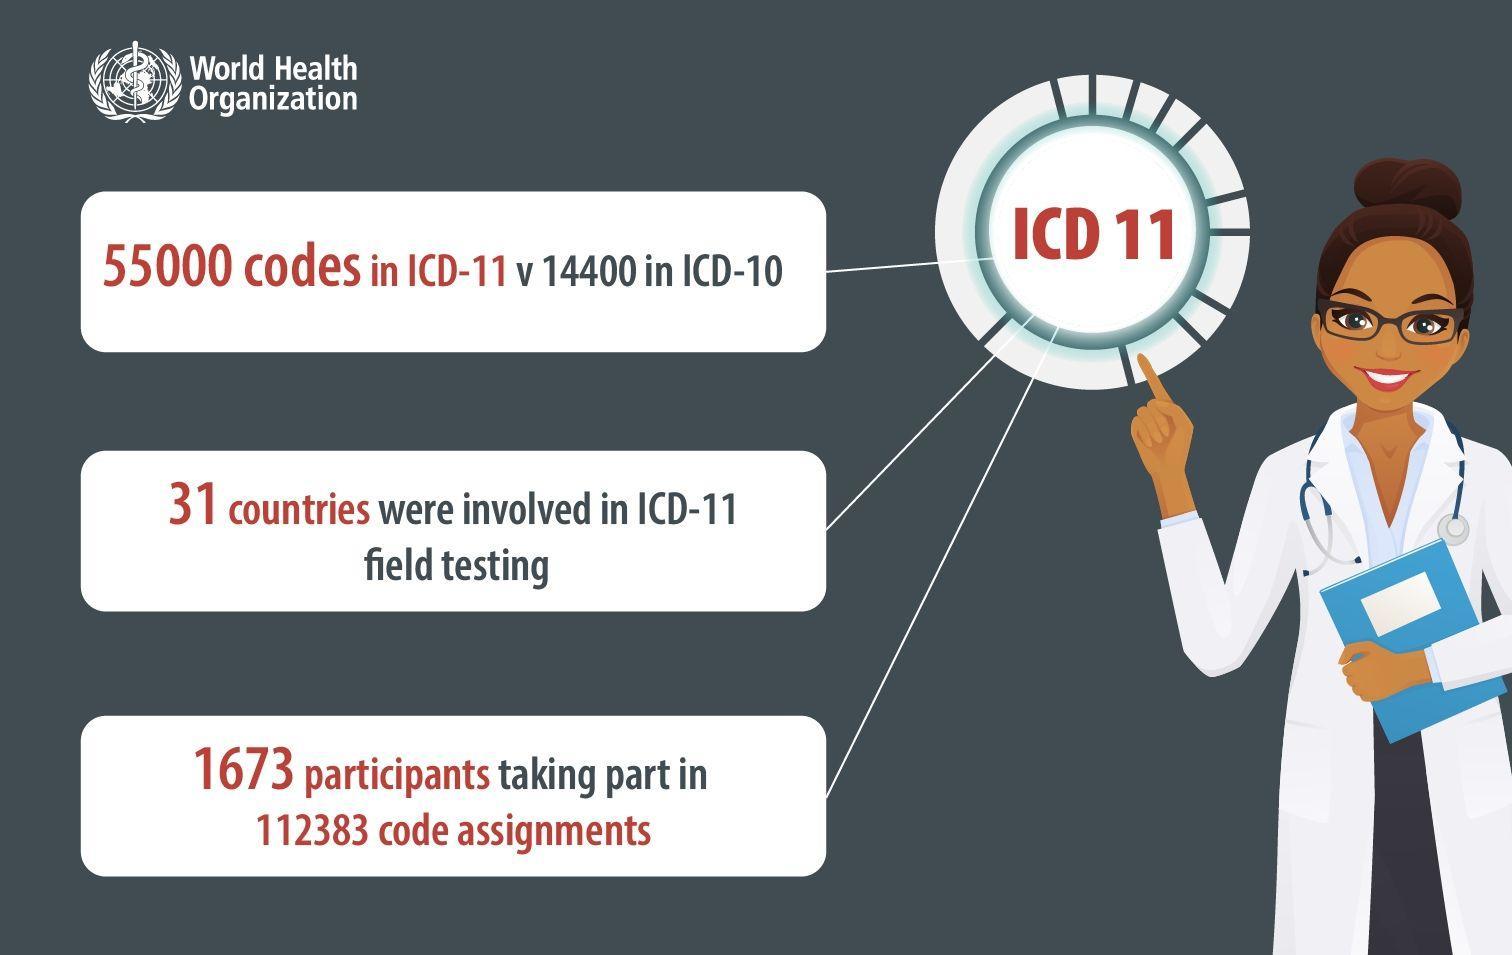 ВОЗ опубликовала новую Международную классификацию болезней